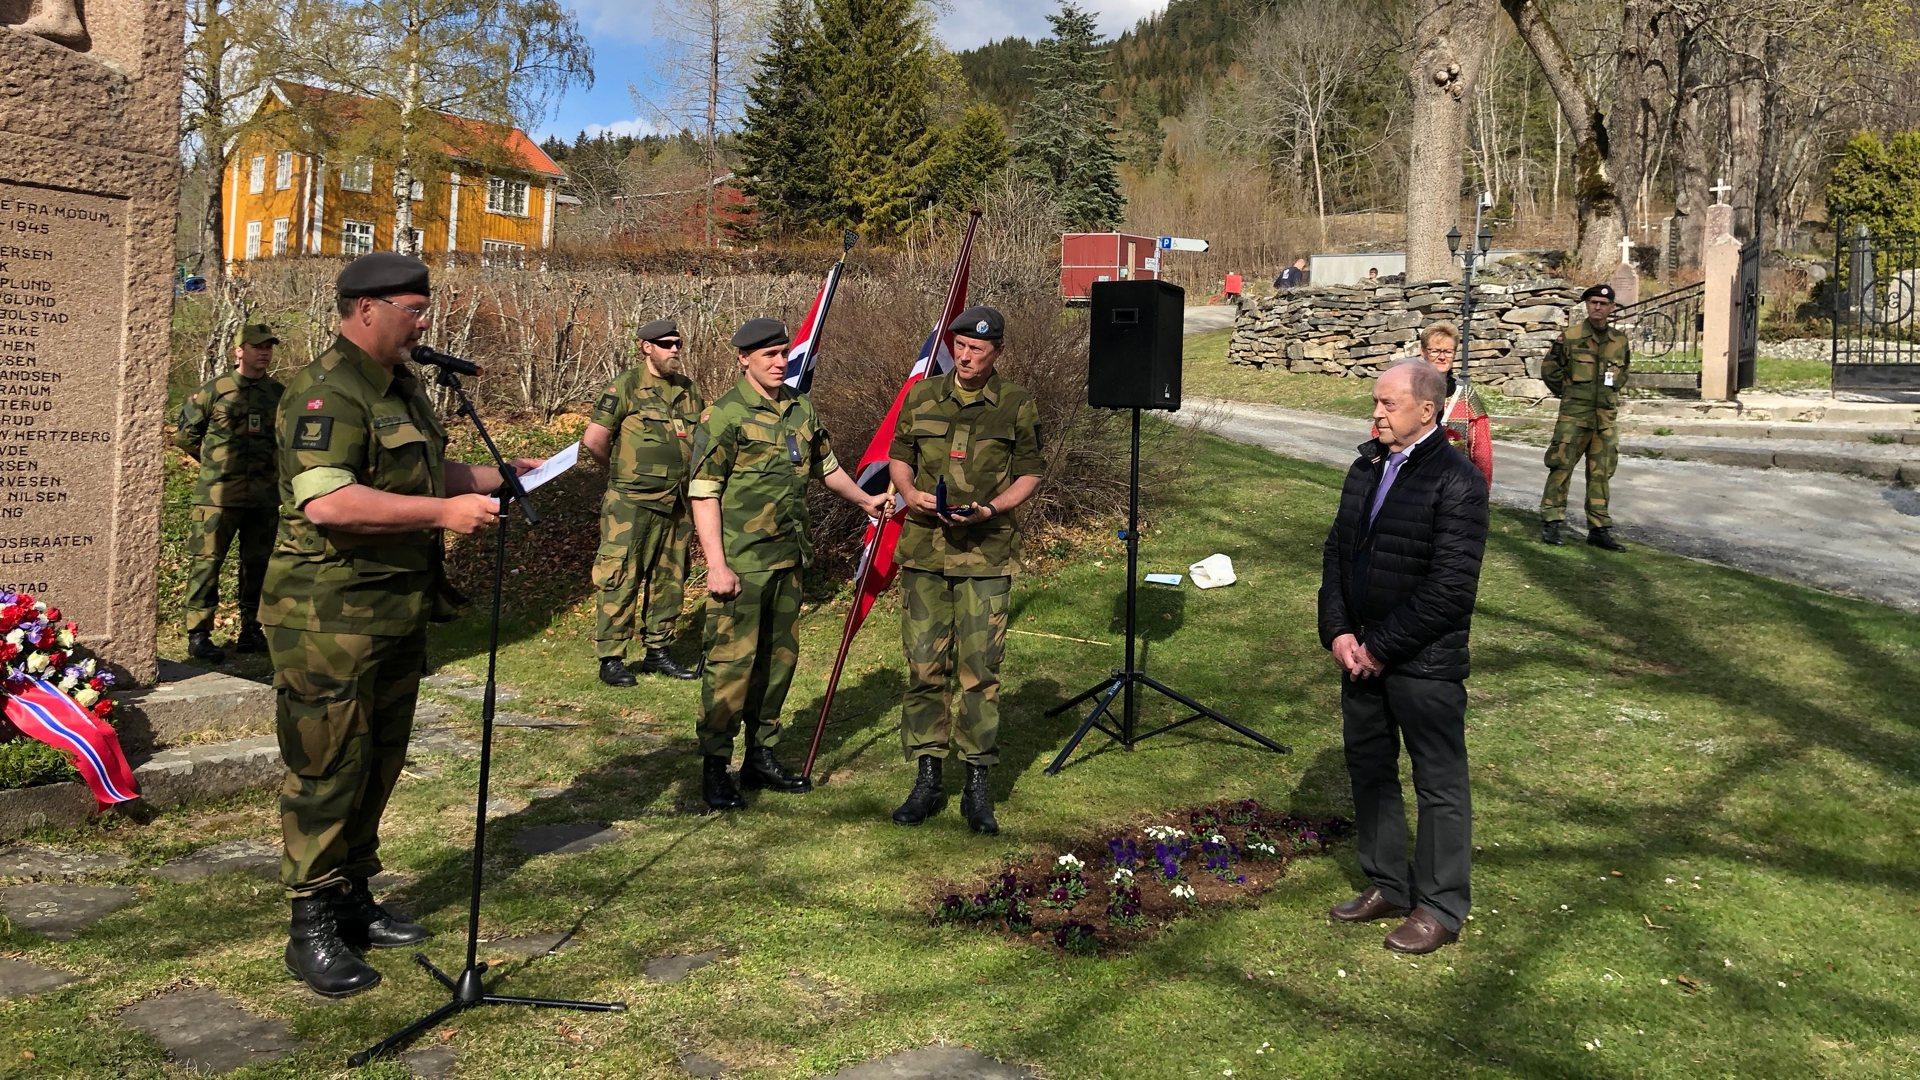 Se utdrag fra 8.mai-markeringen i Modum. Delte ut medaljer til veteraner